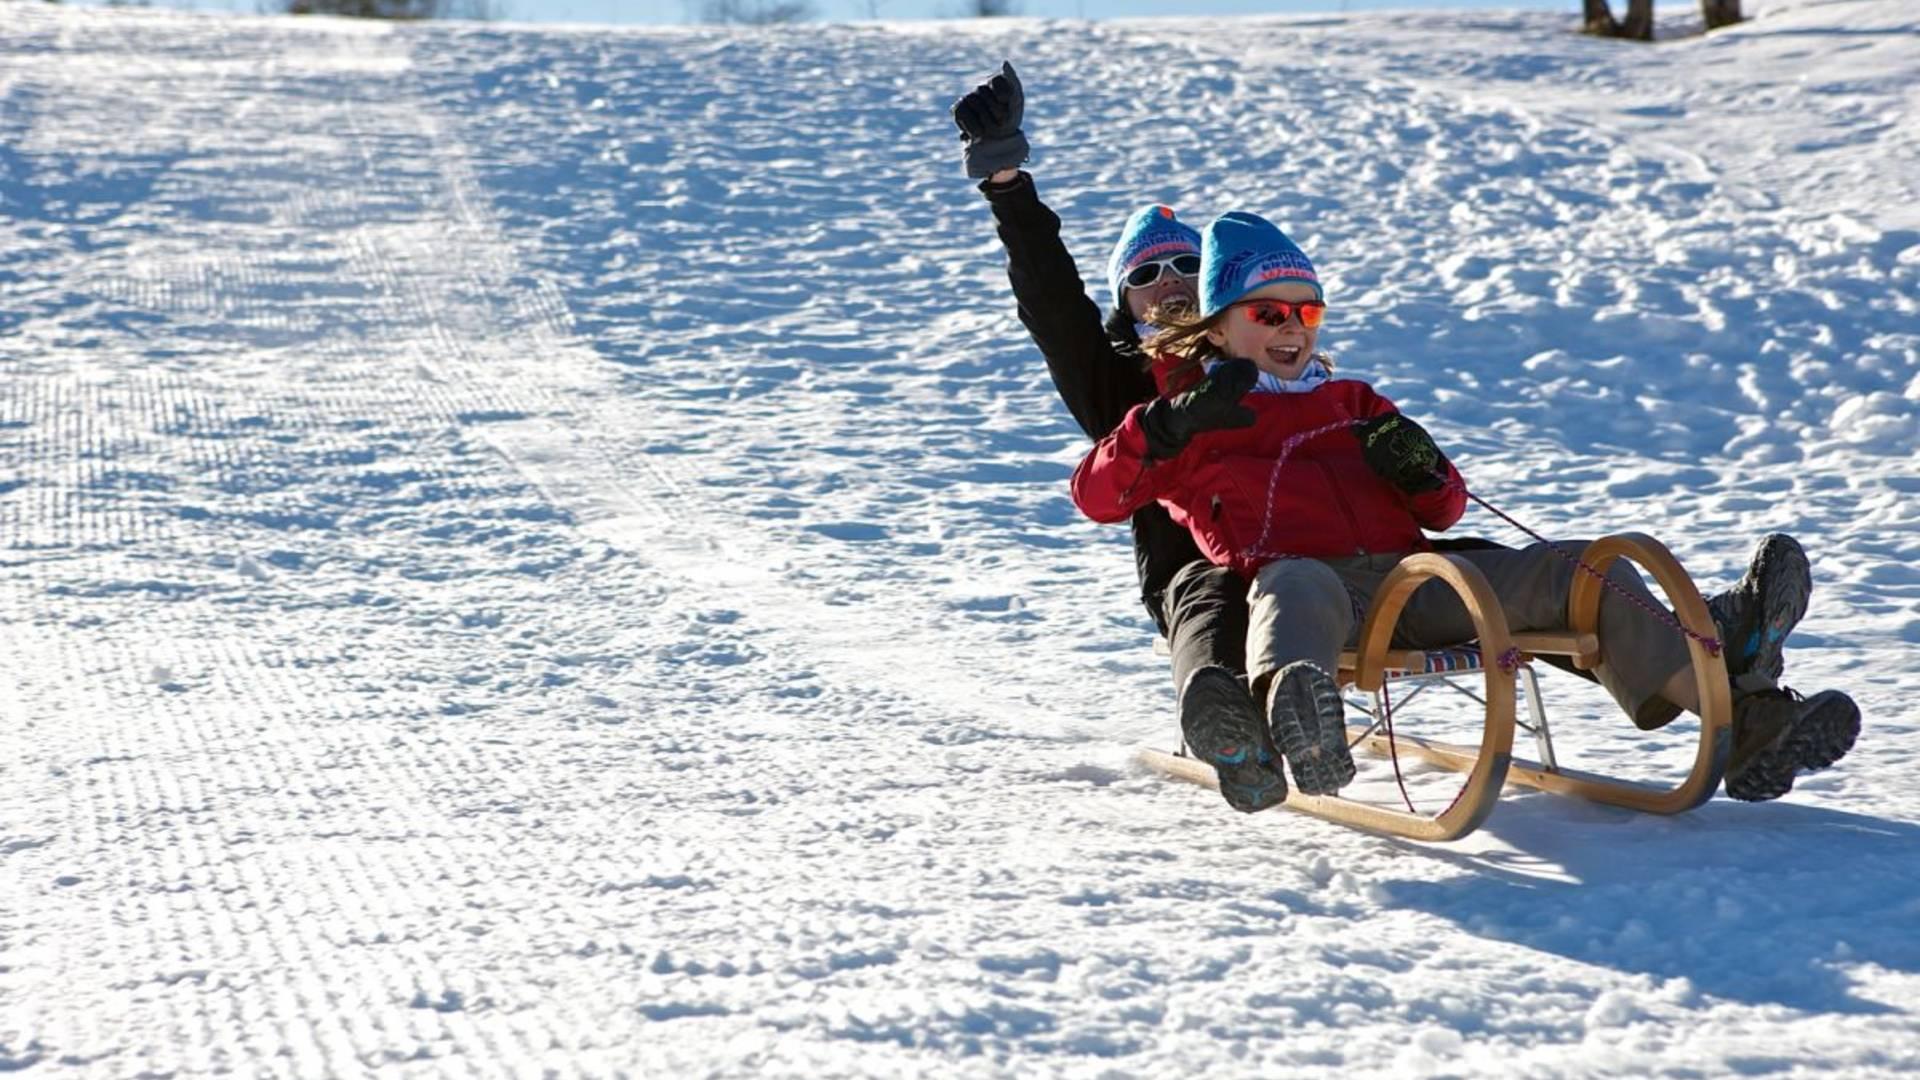 Schlittenfahren - Spaß für Groß und Klein